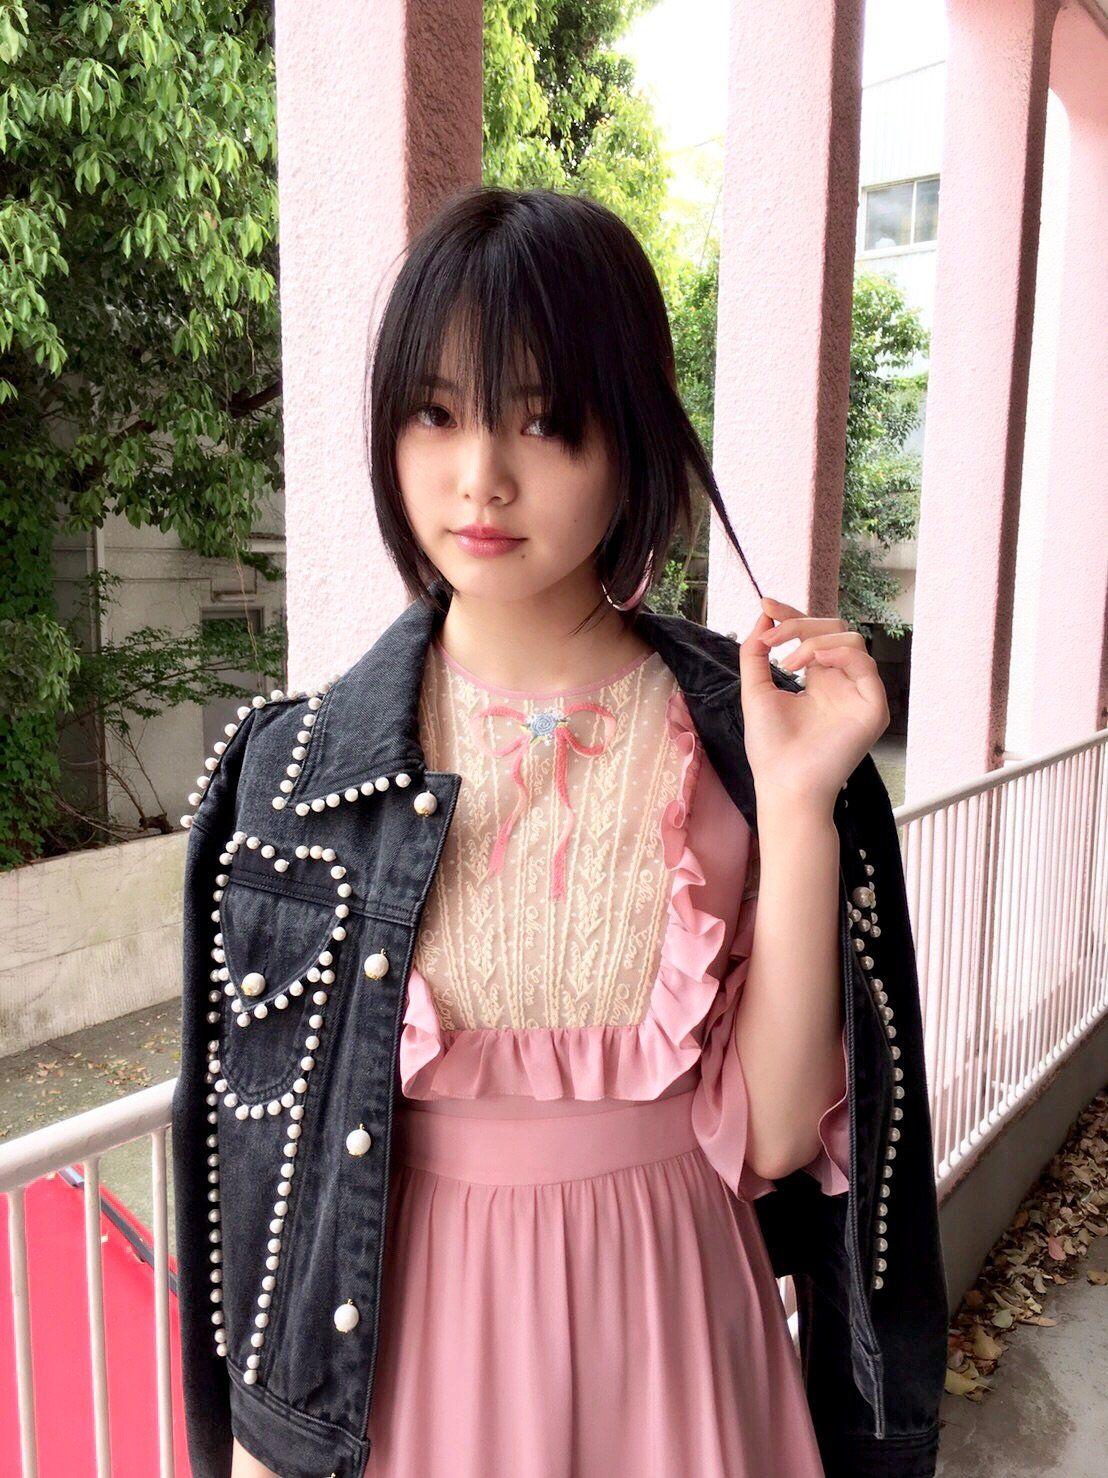 ピンクのドレスの平手友梨奈